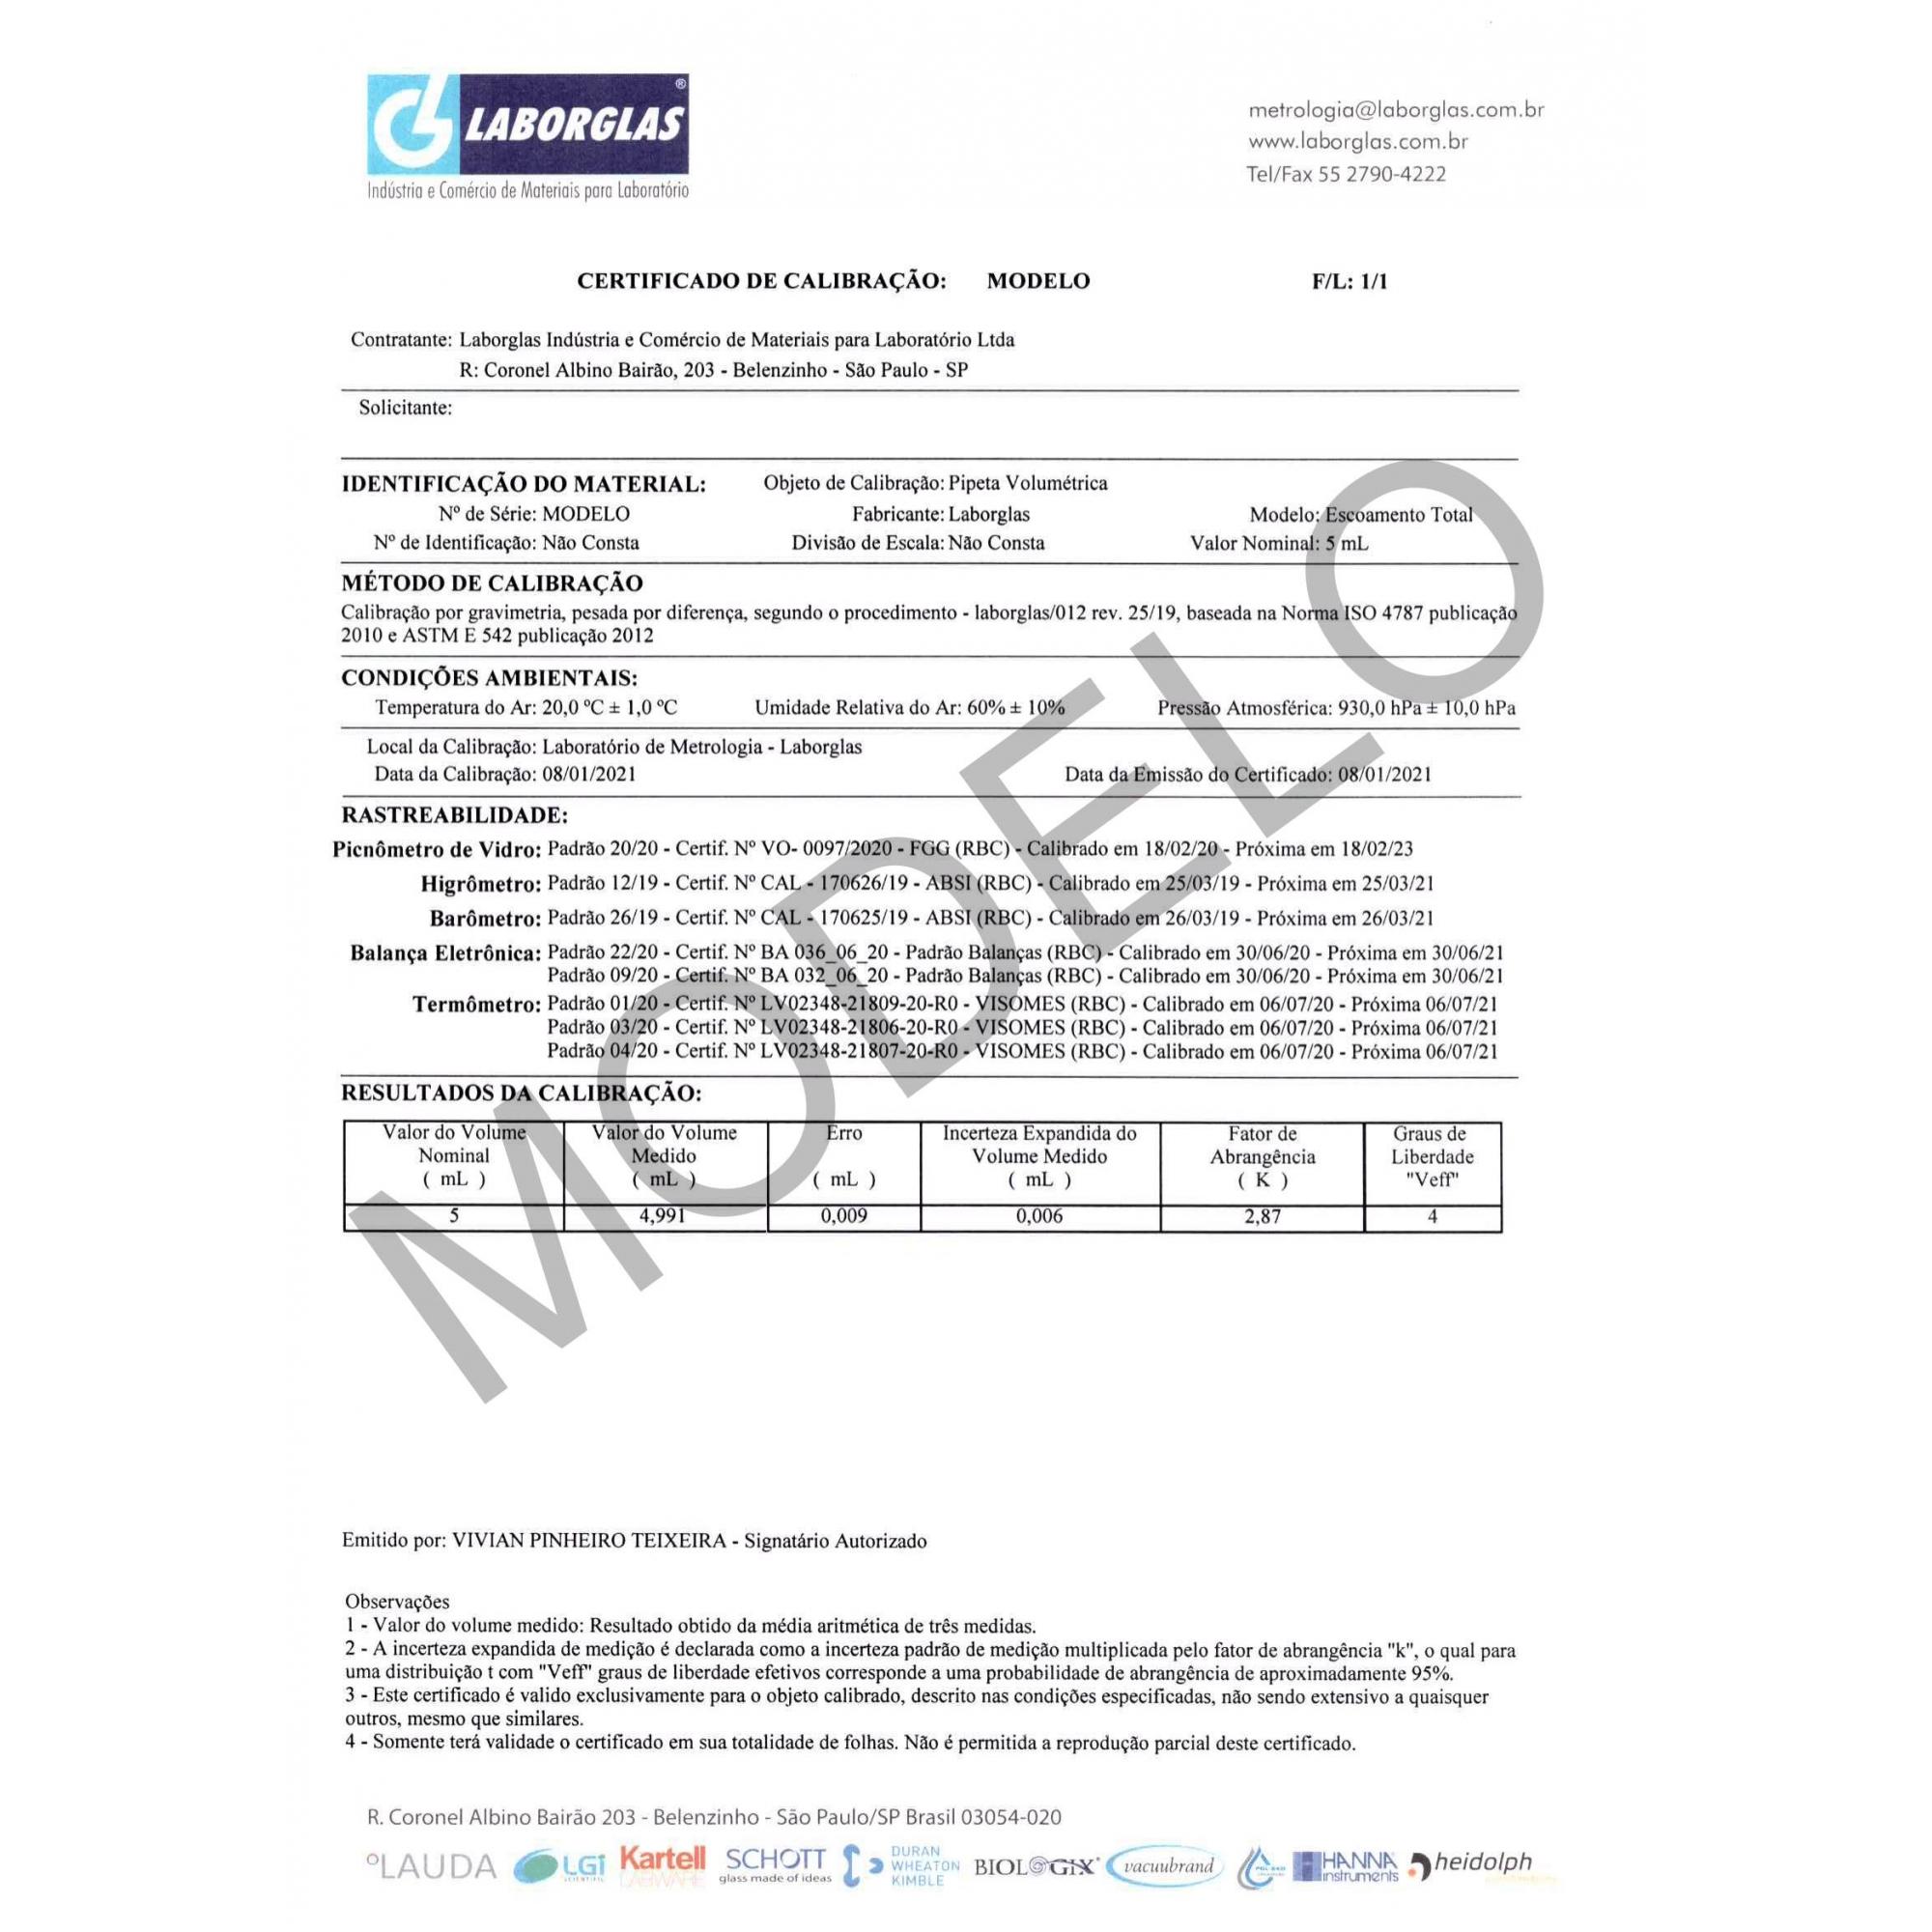 PIPETA VOLUMÉTRICA ESGOTAMENTO TOTAL 10,75 ML CERTIFICADO RASTREÁVEL - Laborglas - Cód. 9433725-C